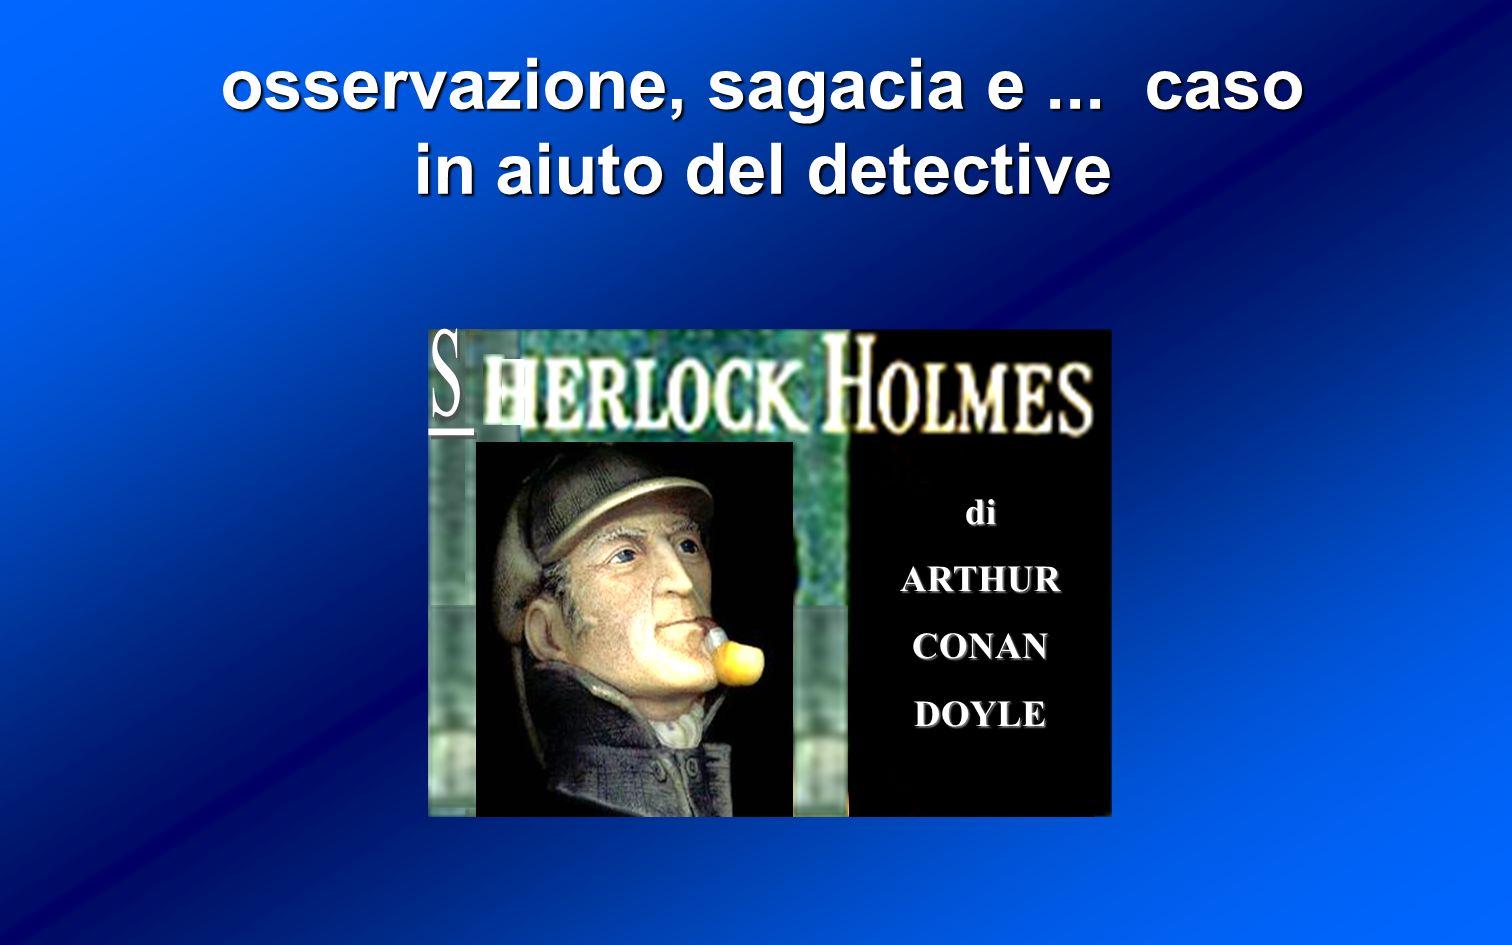 osservazione, sagacia e... caso in aiuto del detective diARTHURCONANDOYLE